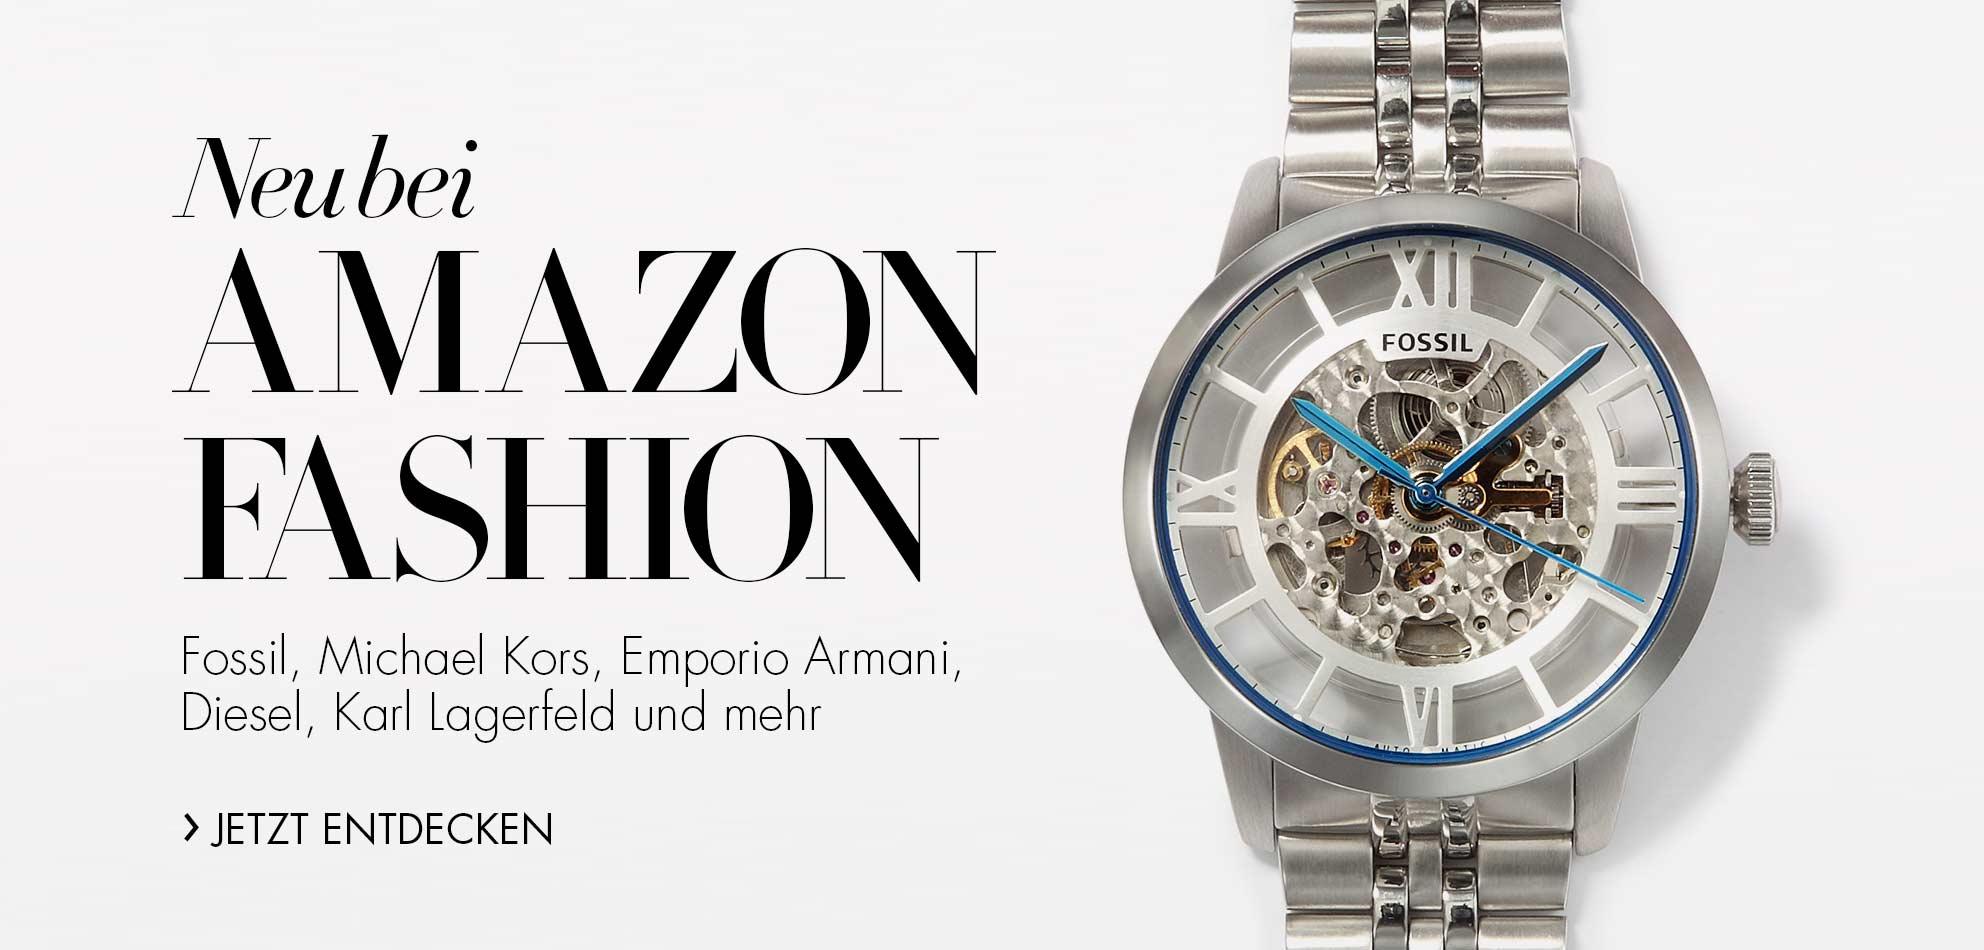 Neubei Amazon Fashion